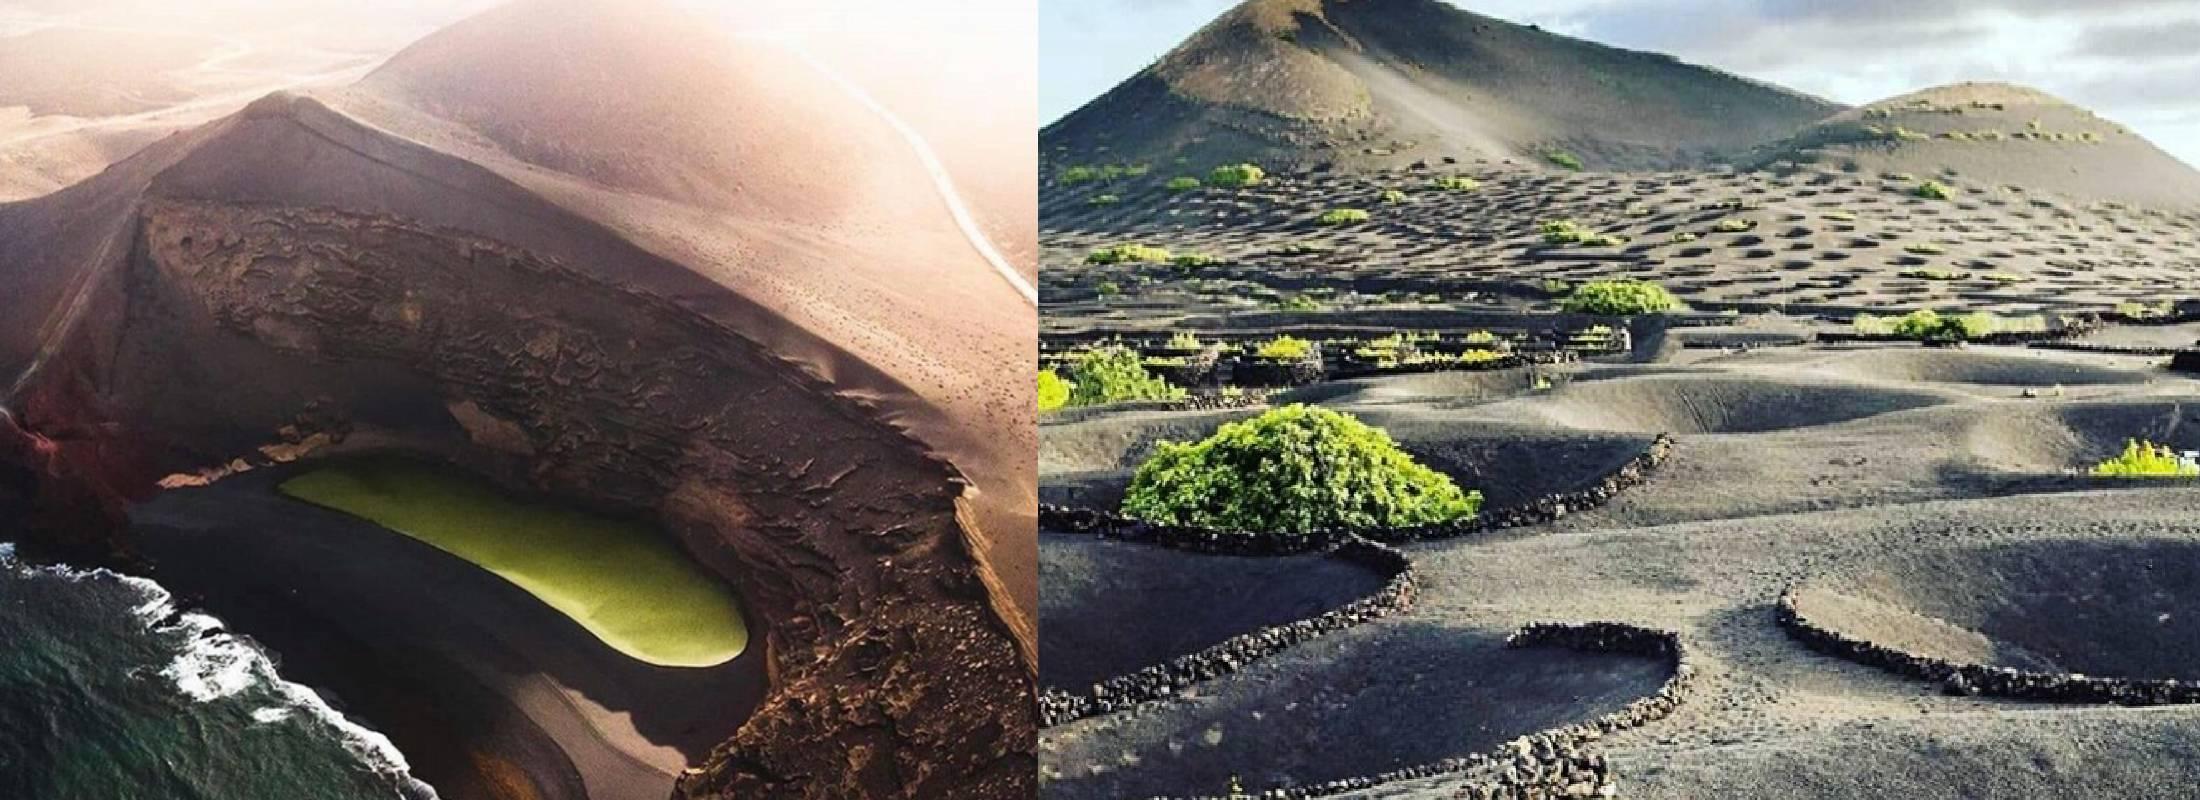 Volcanes en Lanzarote, naturaleza en el retiro de yoga